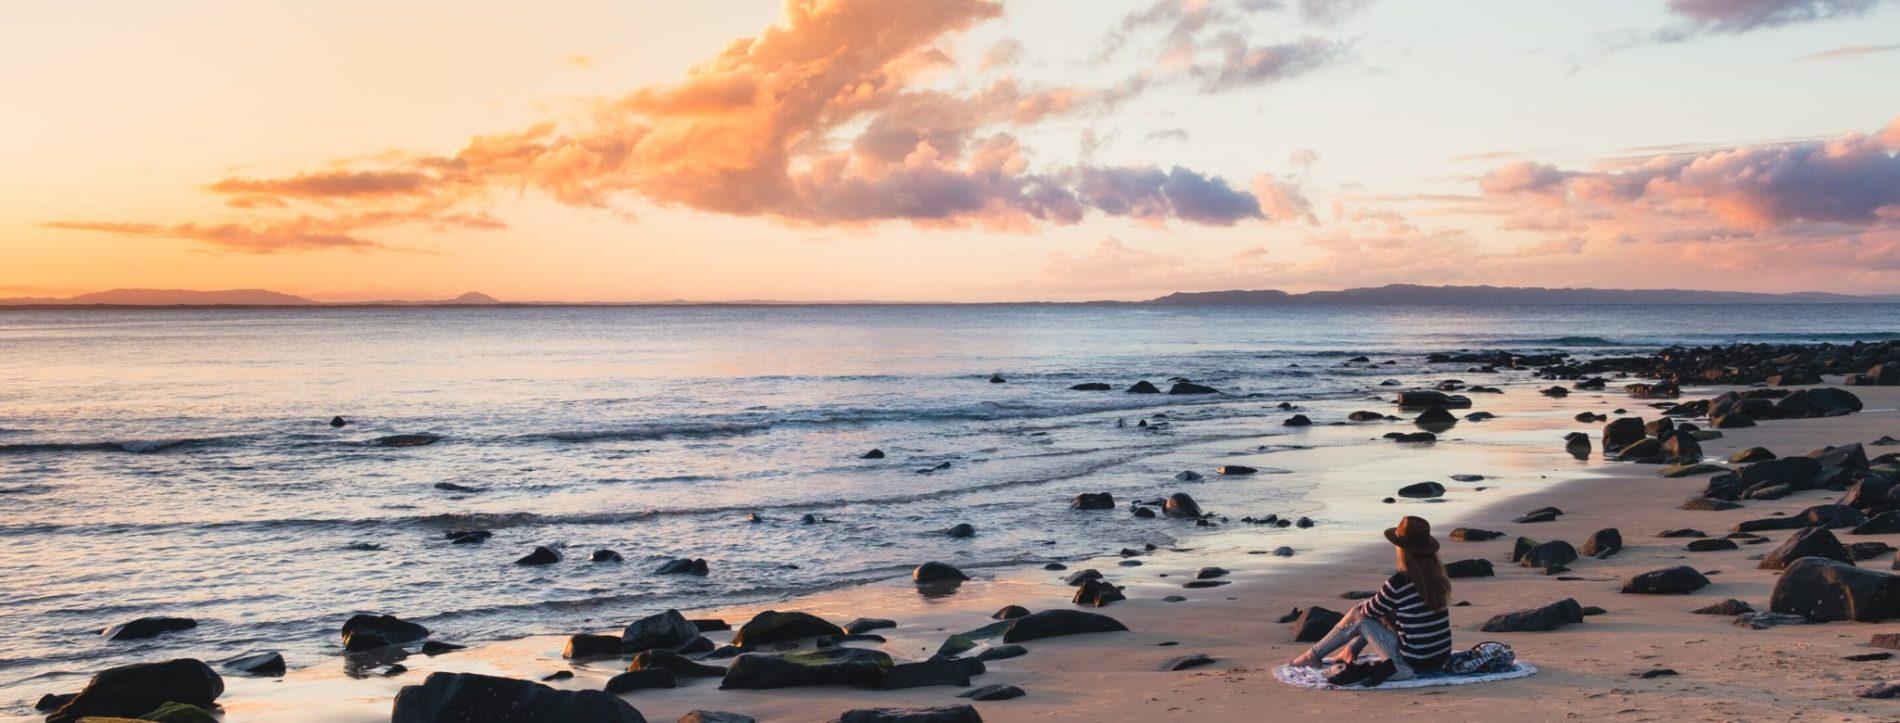 Immagine di una ragazza che guarda il mare da una spiaggia